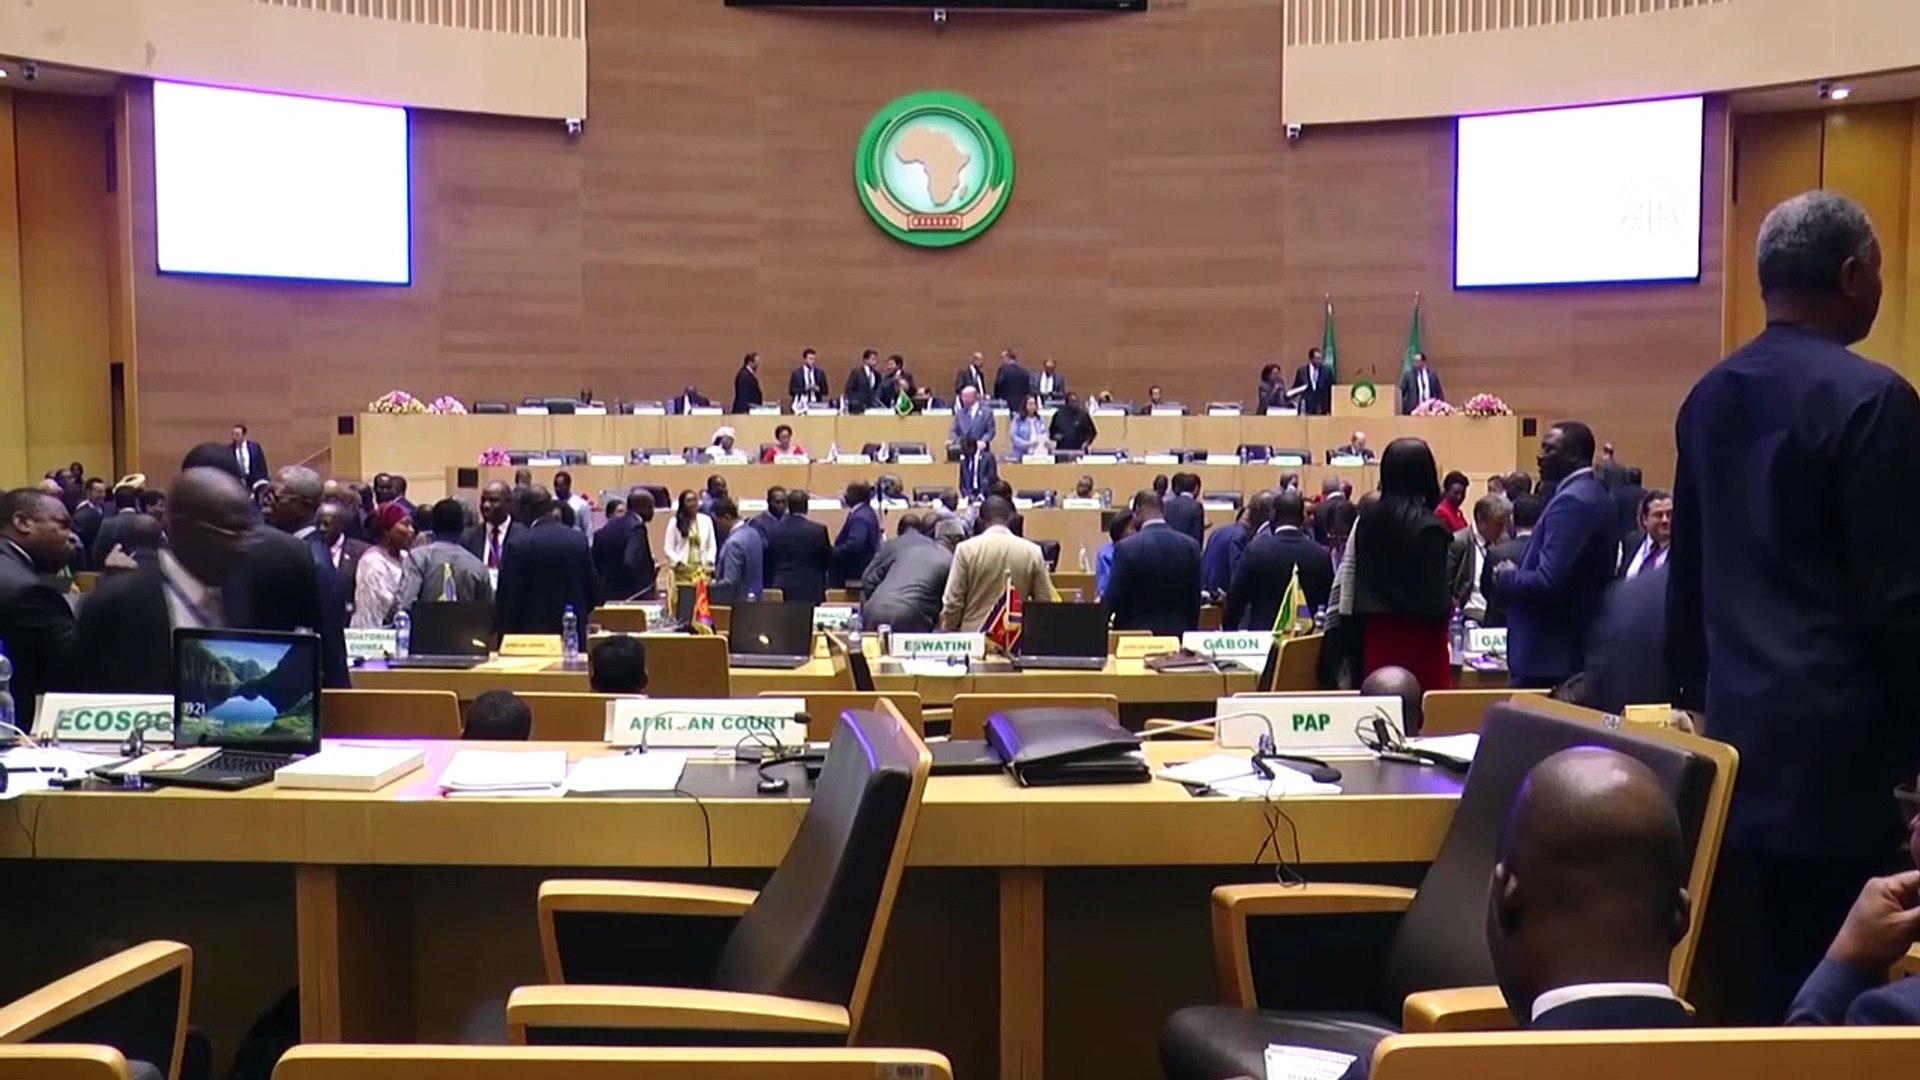 Sisi: 'İyi yönetişimi destekliyoruz' (1) - ADDİS ABABA